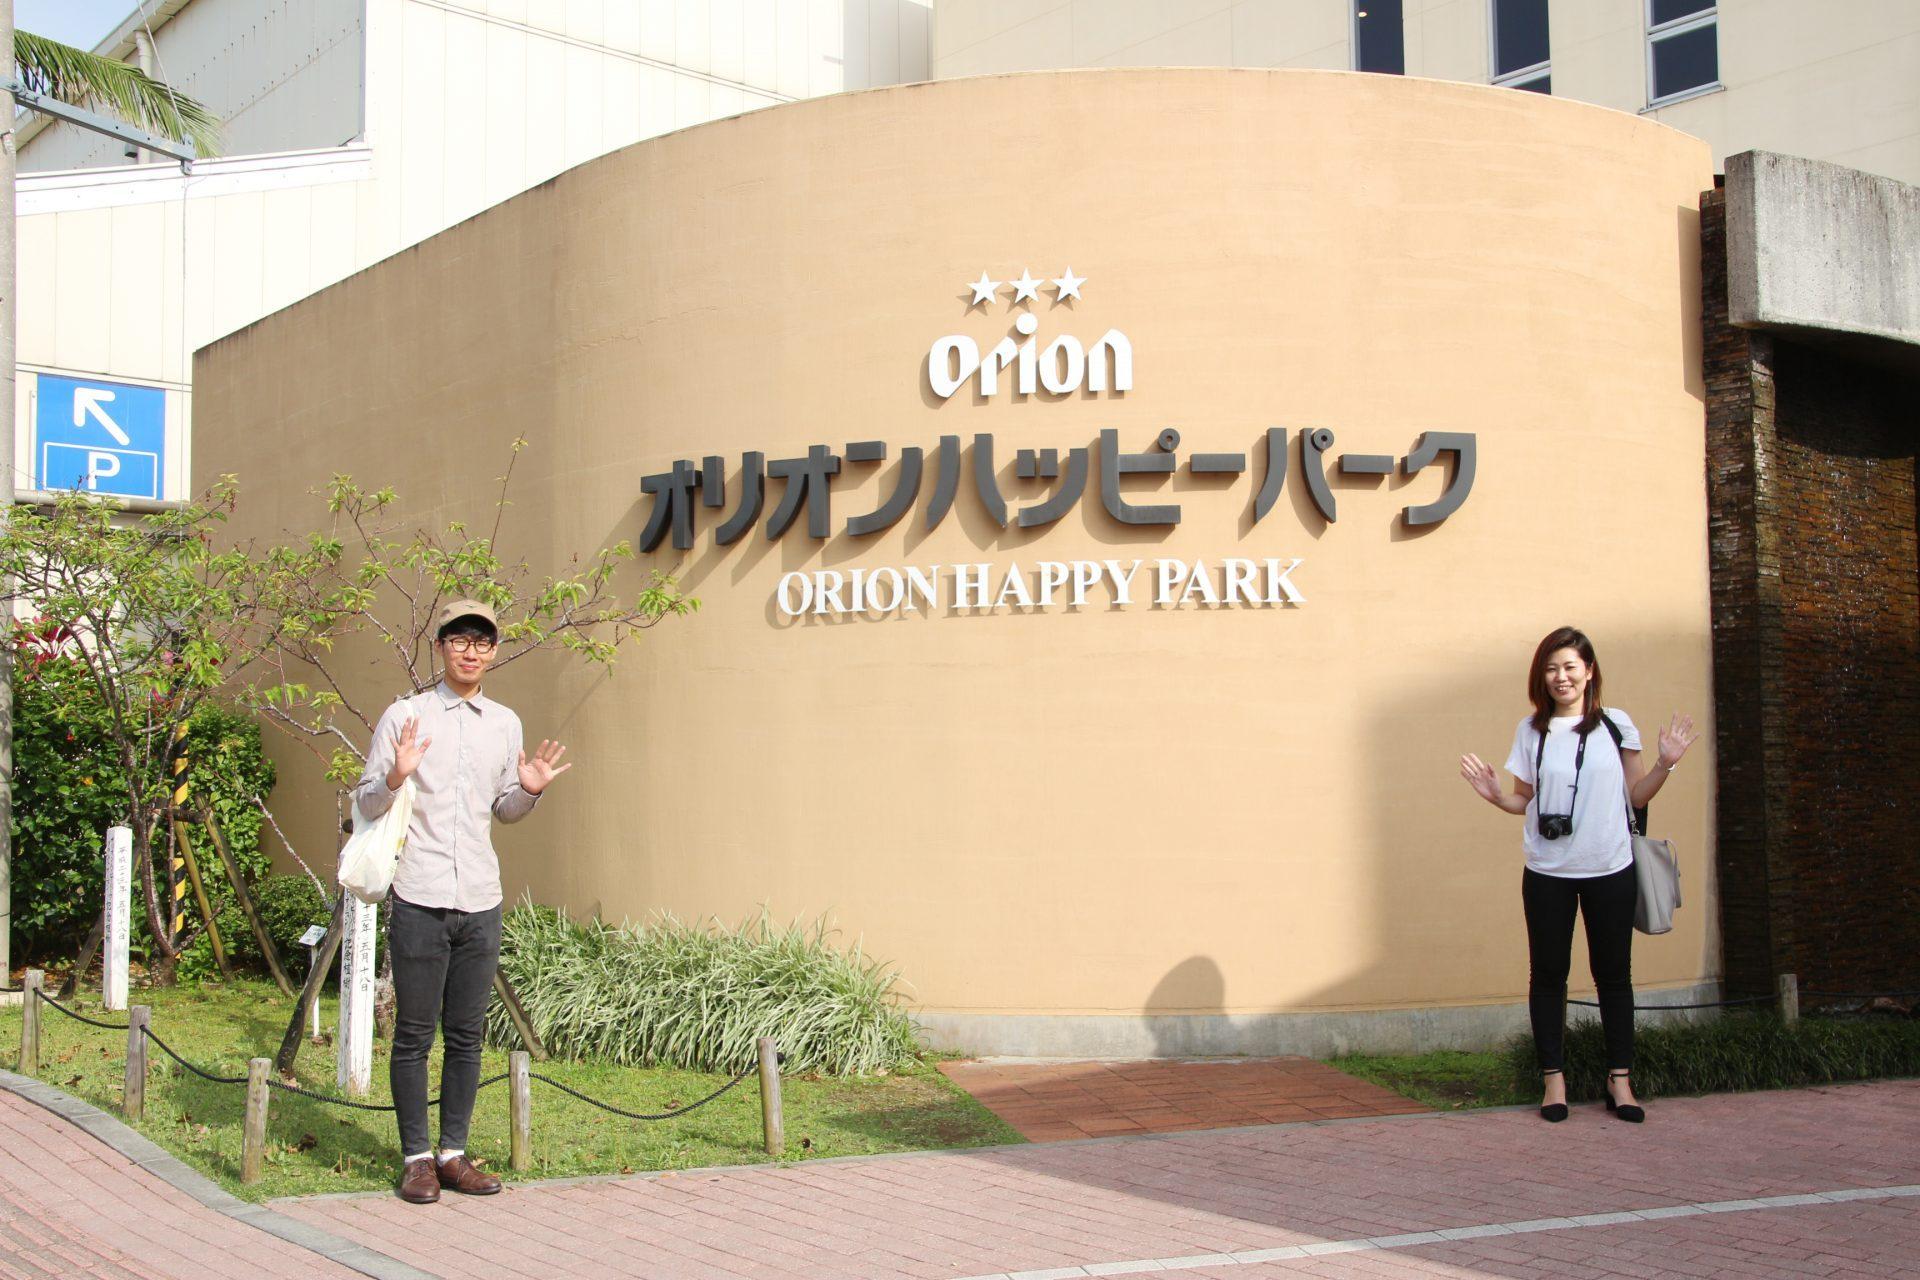 オリオンハッピーパーク 名護市 沖縄 北部 観光 おすすめ 旅行 スポット 地